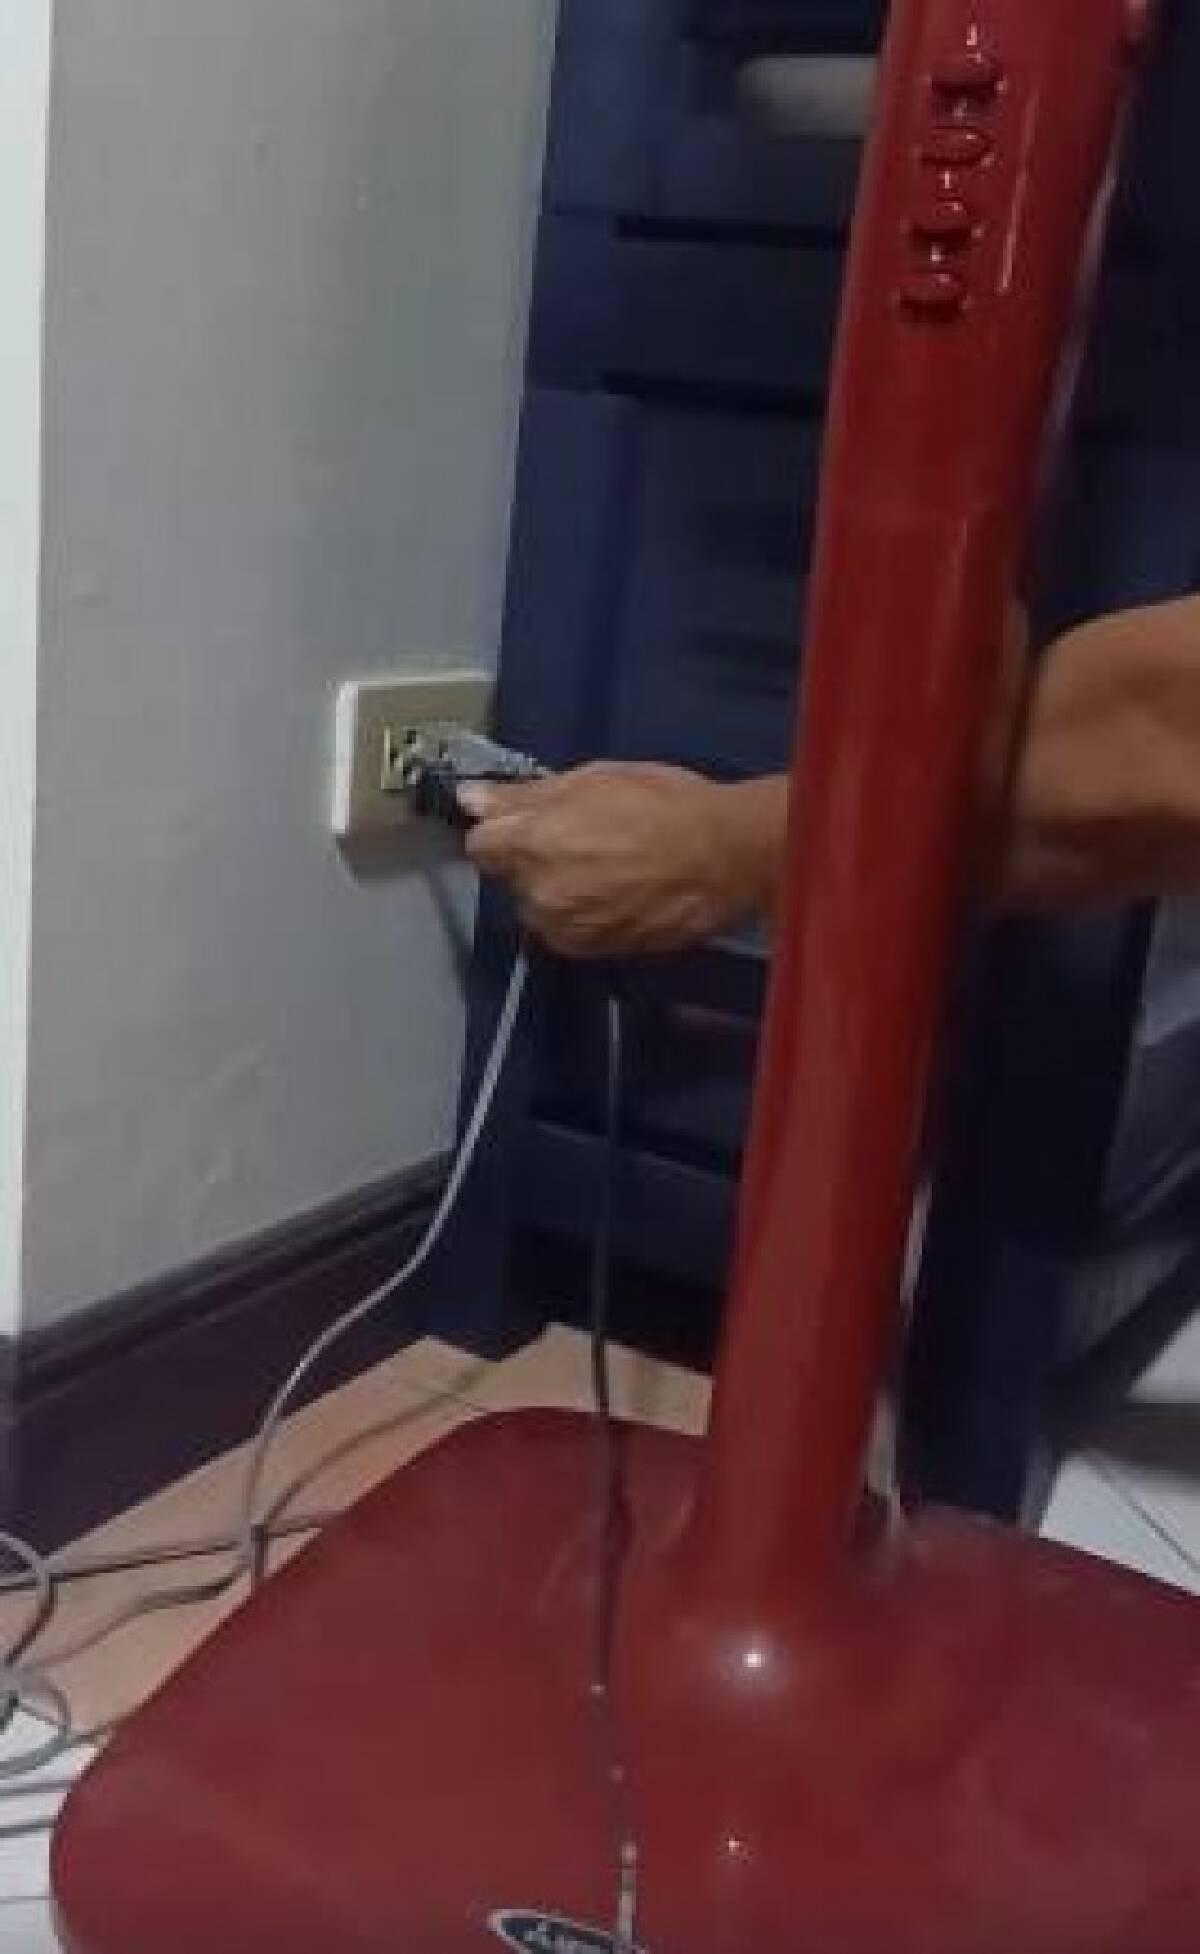 """โซเชียลเเชร์! """"ปลั๊กพ่วง ควรปิดอย่างไรให้ไฟฟ้าไม่ทำงาน"""